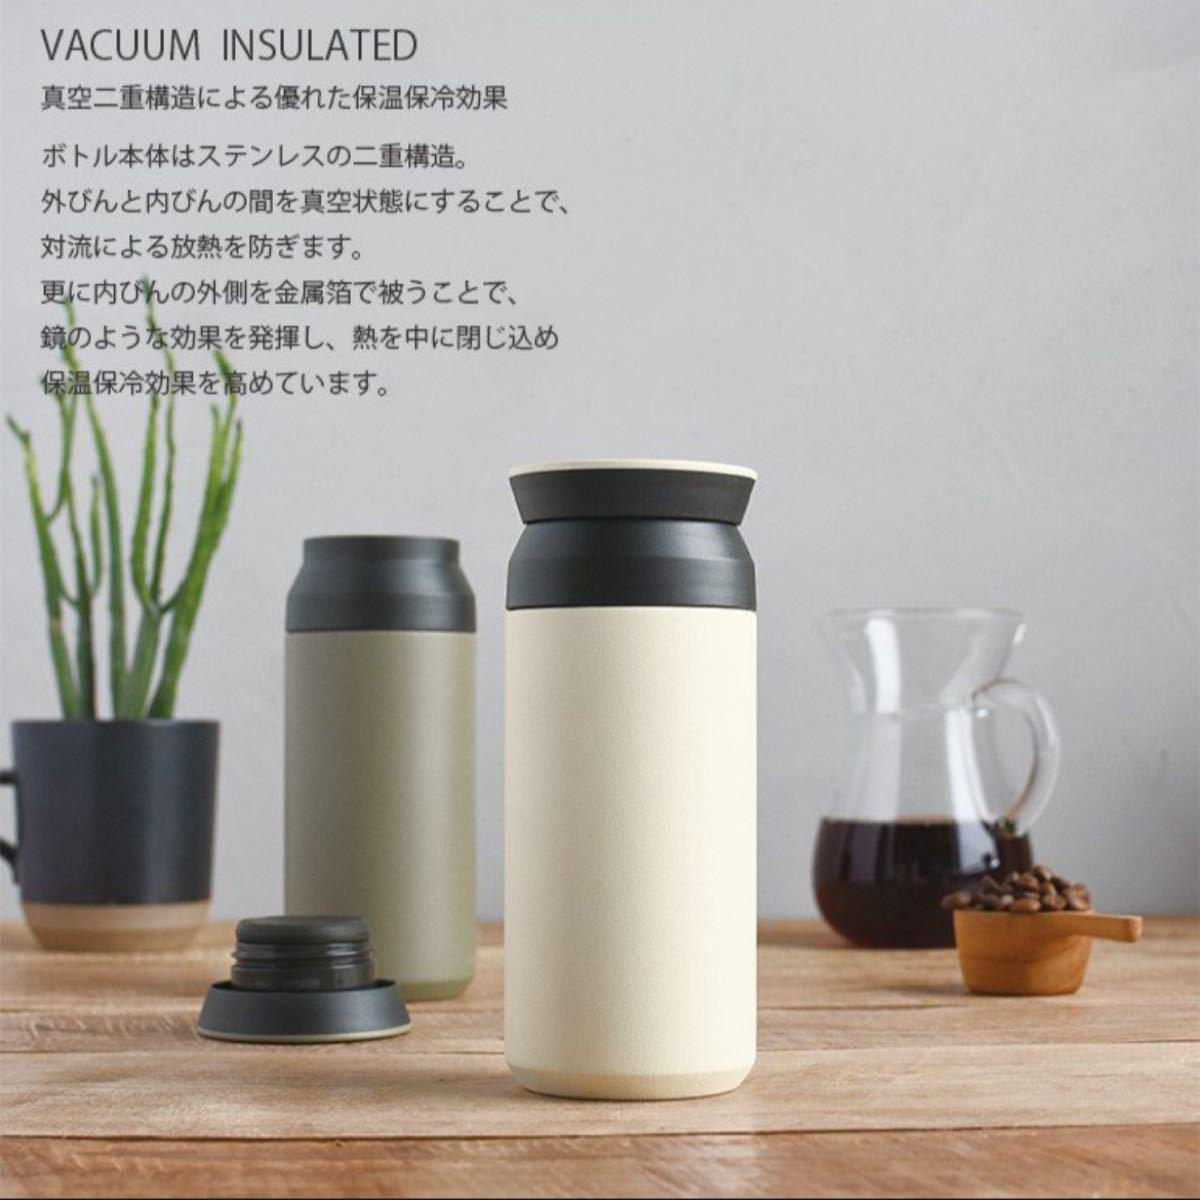 真空 ステンレスボトル マグ   ボトルマグ タンブラー コーヒー 真空二重構造 保温保冷 ステンレス 水筒 KINTO キントー